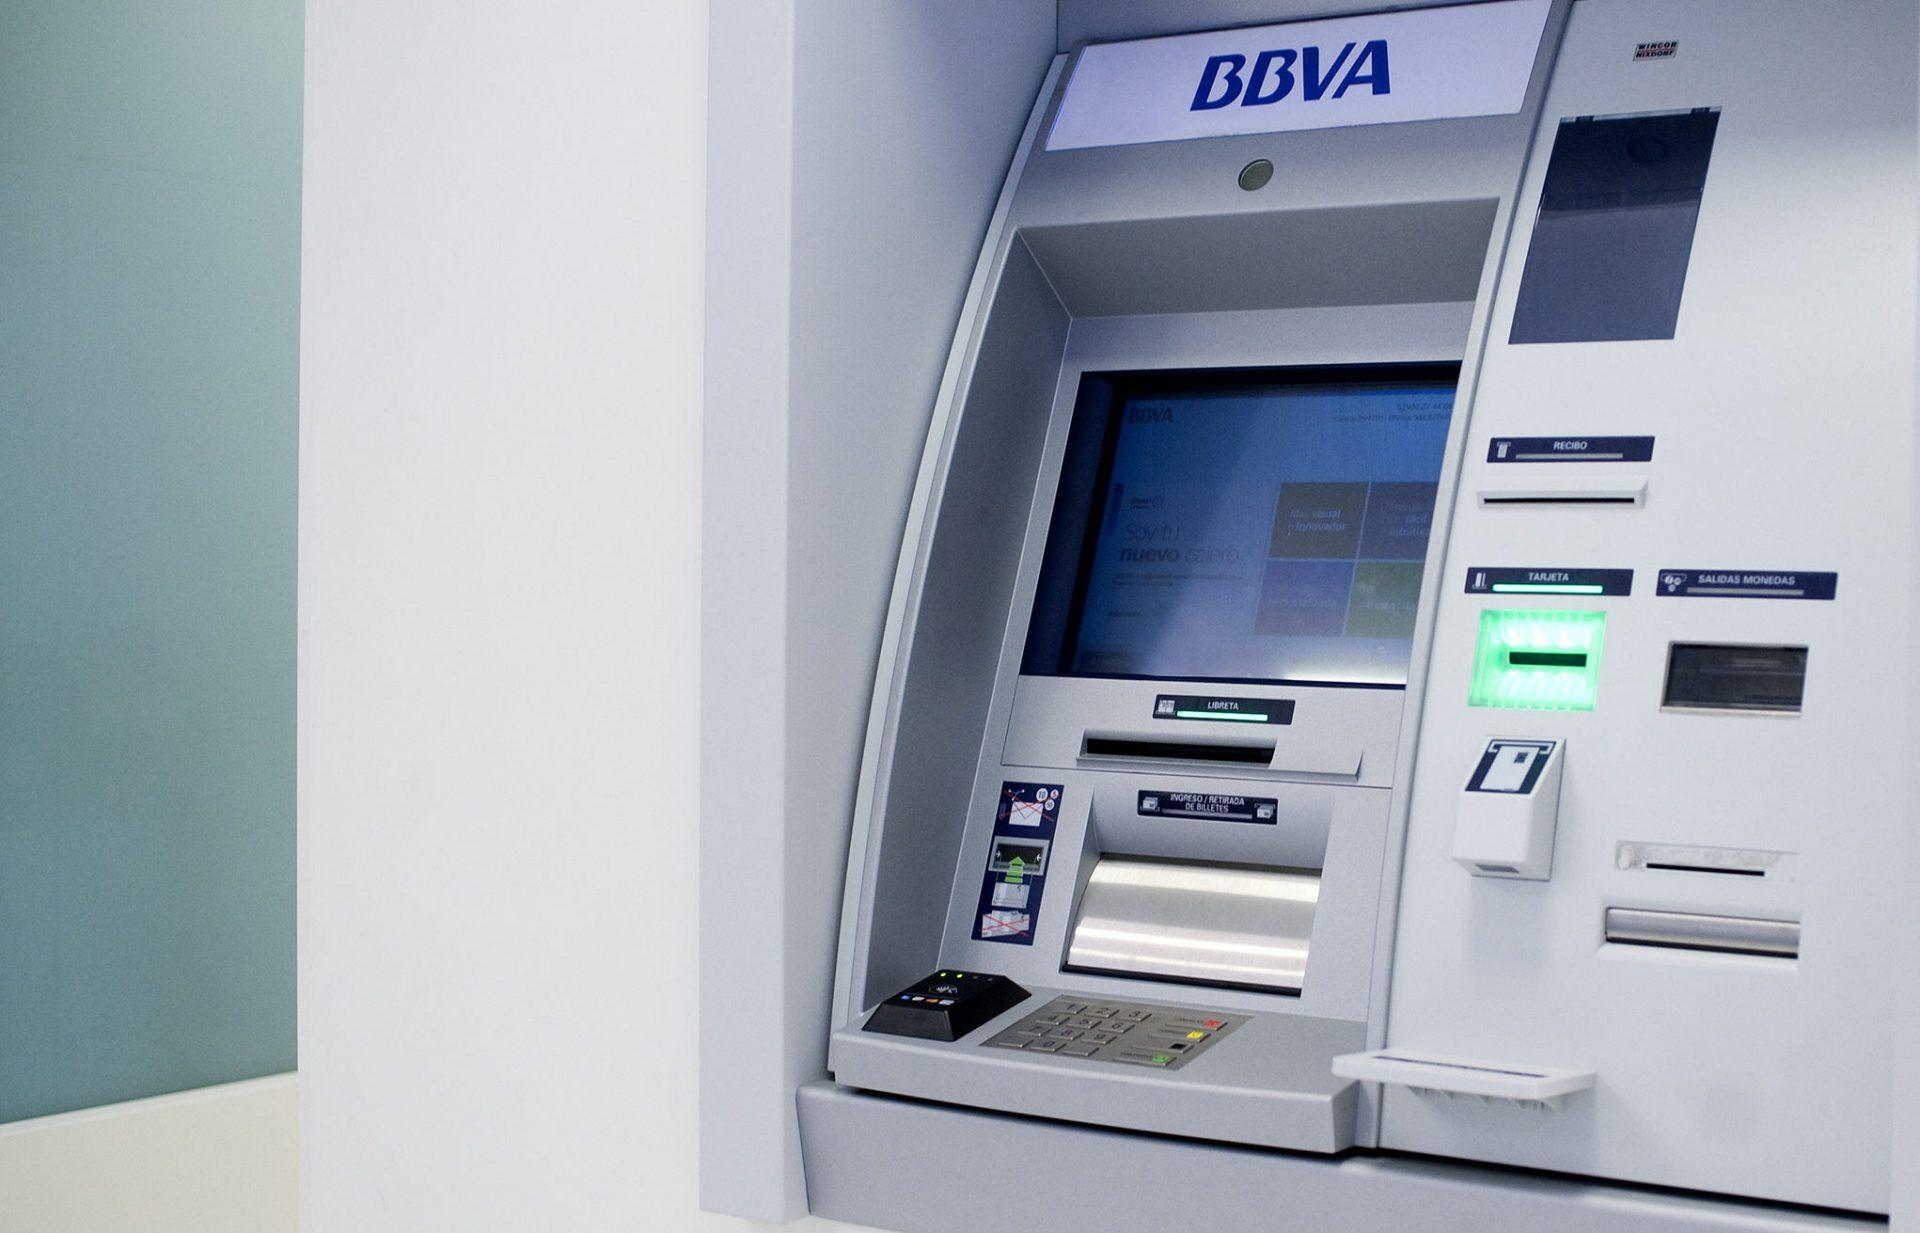 Historia de los cajeros autom ticos bbva for Los cajeros automaticos